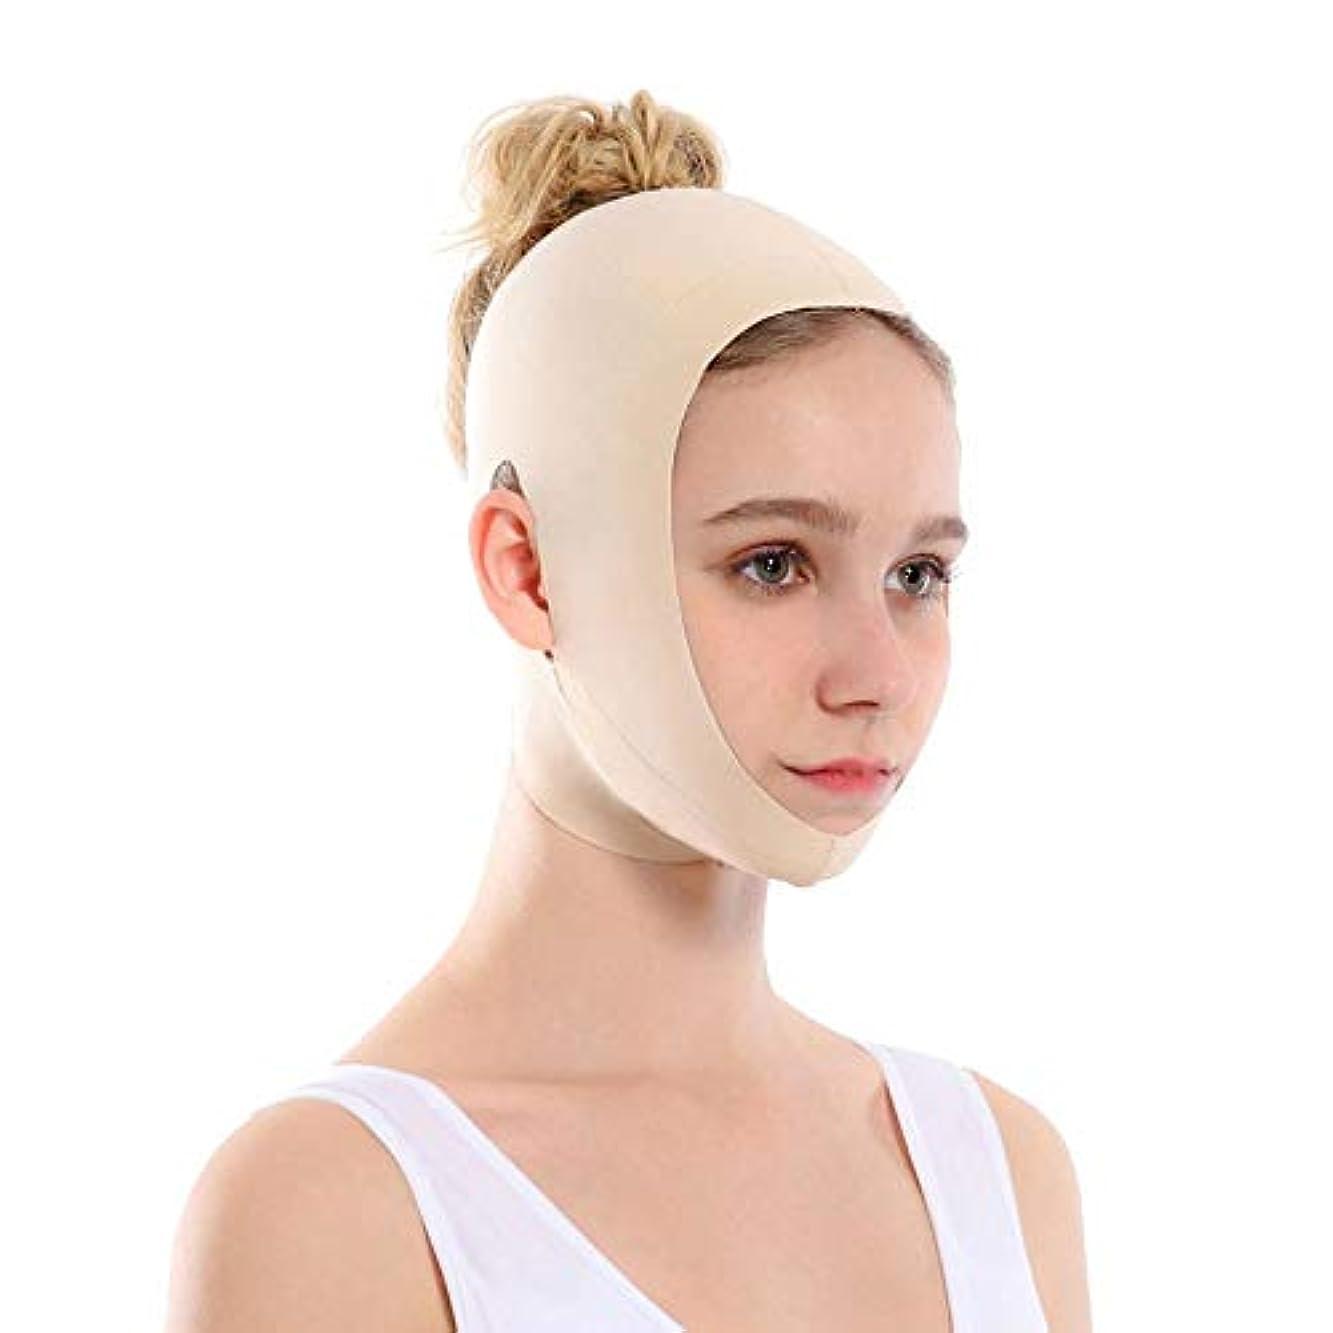 起きろ姿勢学習Jia Jia- 顔を持ち上げるアーティファクトVフェイス包帯リフティング引き締め睡眠薄い顔を整形持ち上げる顔を二重あご矯正 - 肌の色 顔面包帯